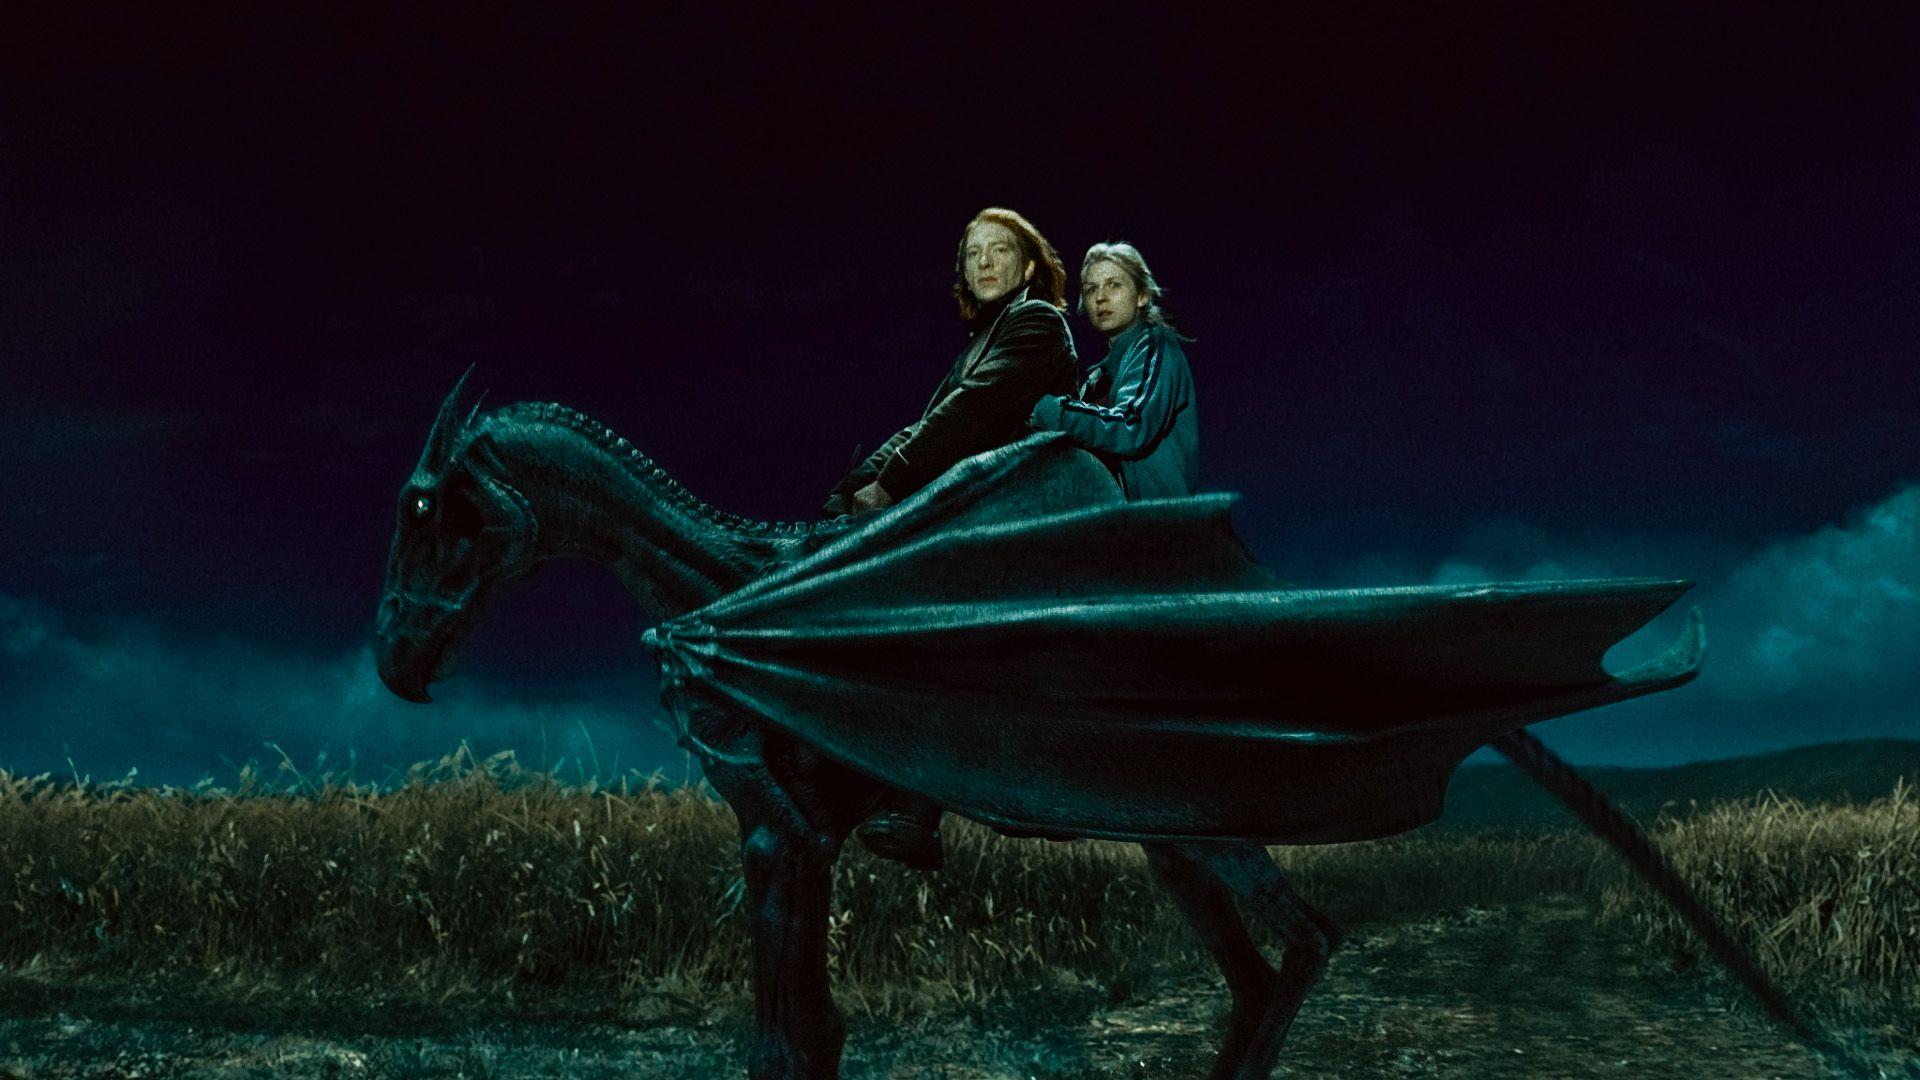 кадры из фильма Гарри Поттер и Дары Смерти: Часть первая Домнэлл Глисон, Клеманс Поэзи,